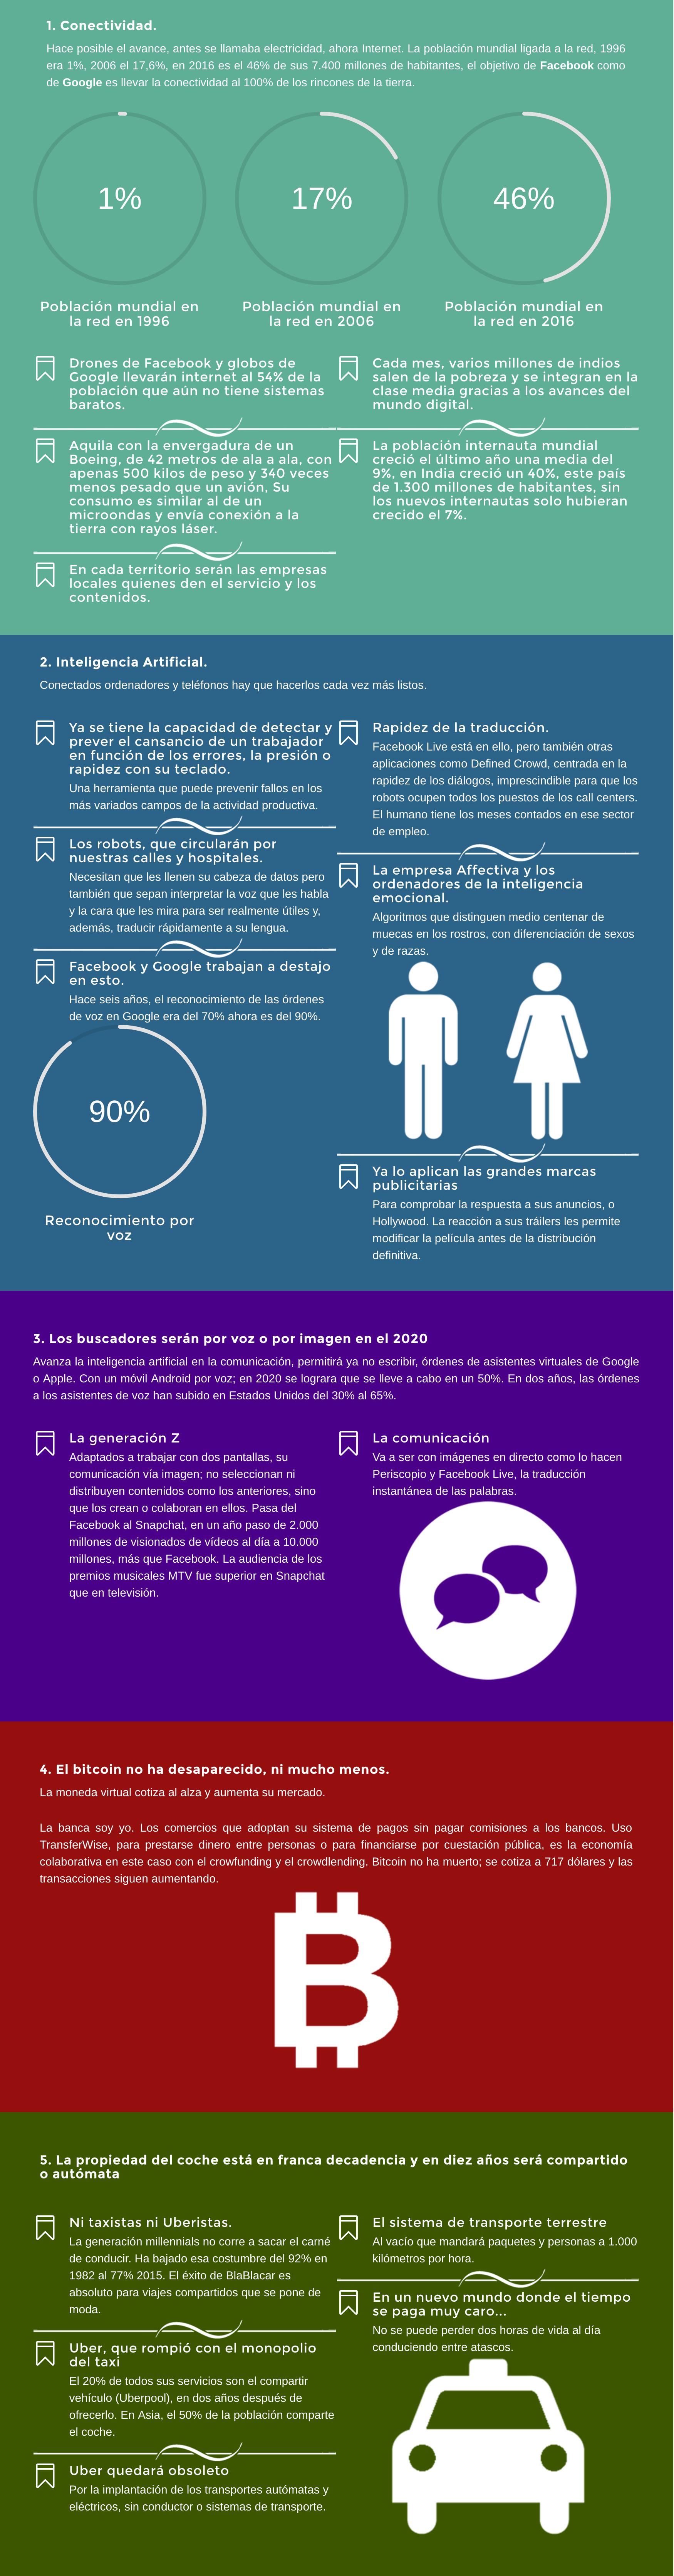 5 tendencias tecnológicas que cambiarán el mundo #infografia #infographic #tech